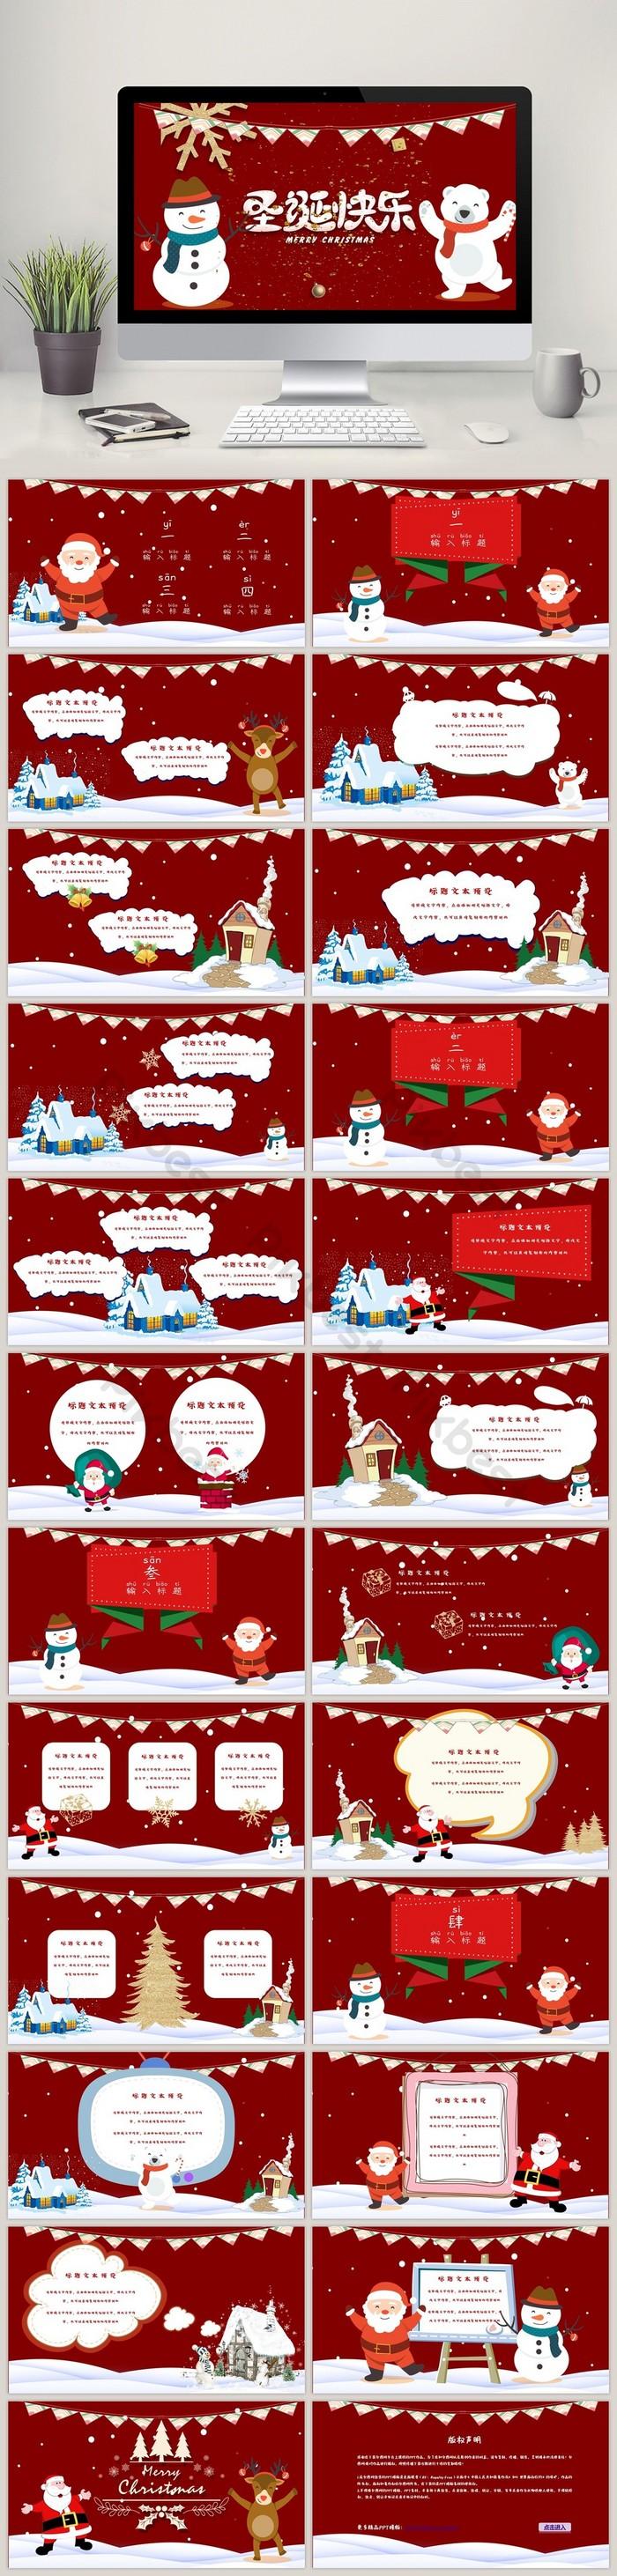 紅色喜慶聖誕節主題ppt通用模板  PPTX PowerPoint素材免費下載 - Pikbest